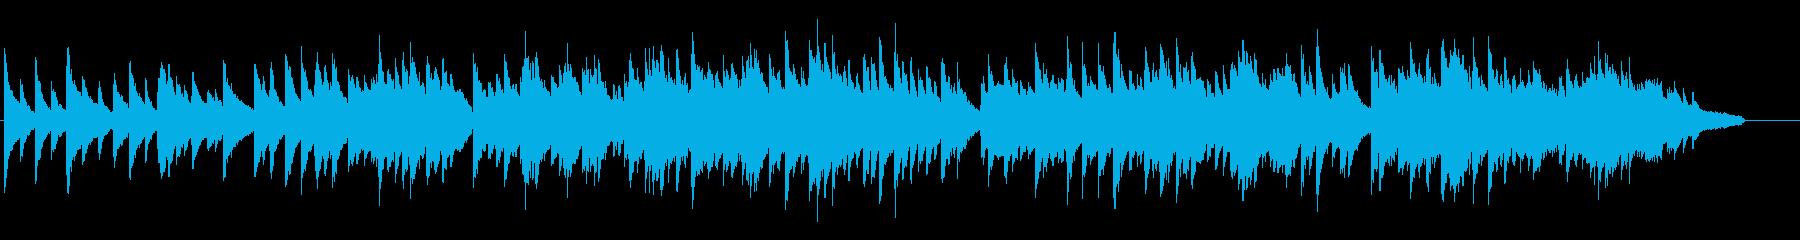 寂しげな旋律のピアノバラードの再生済みの波形